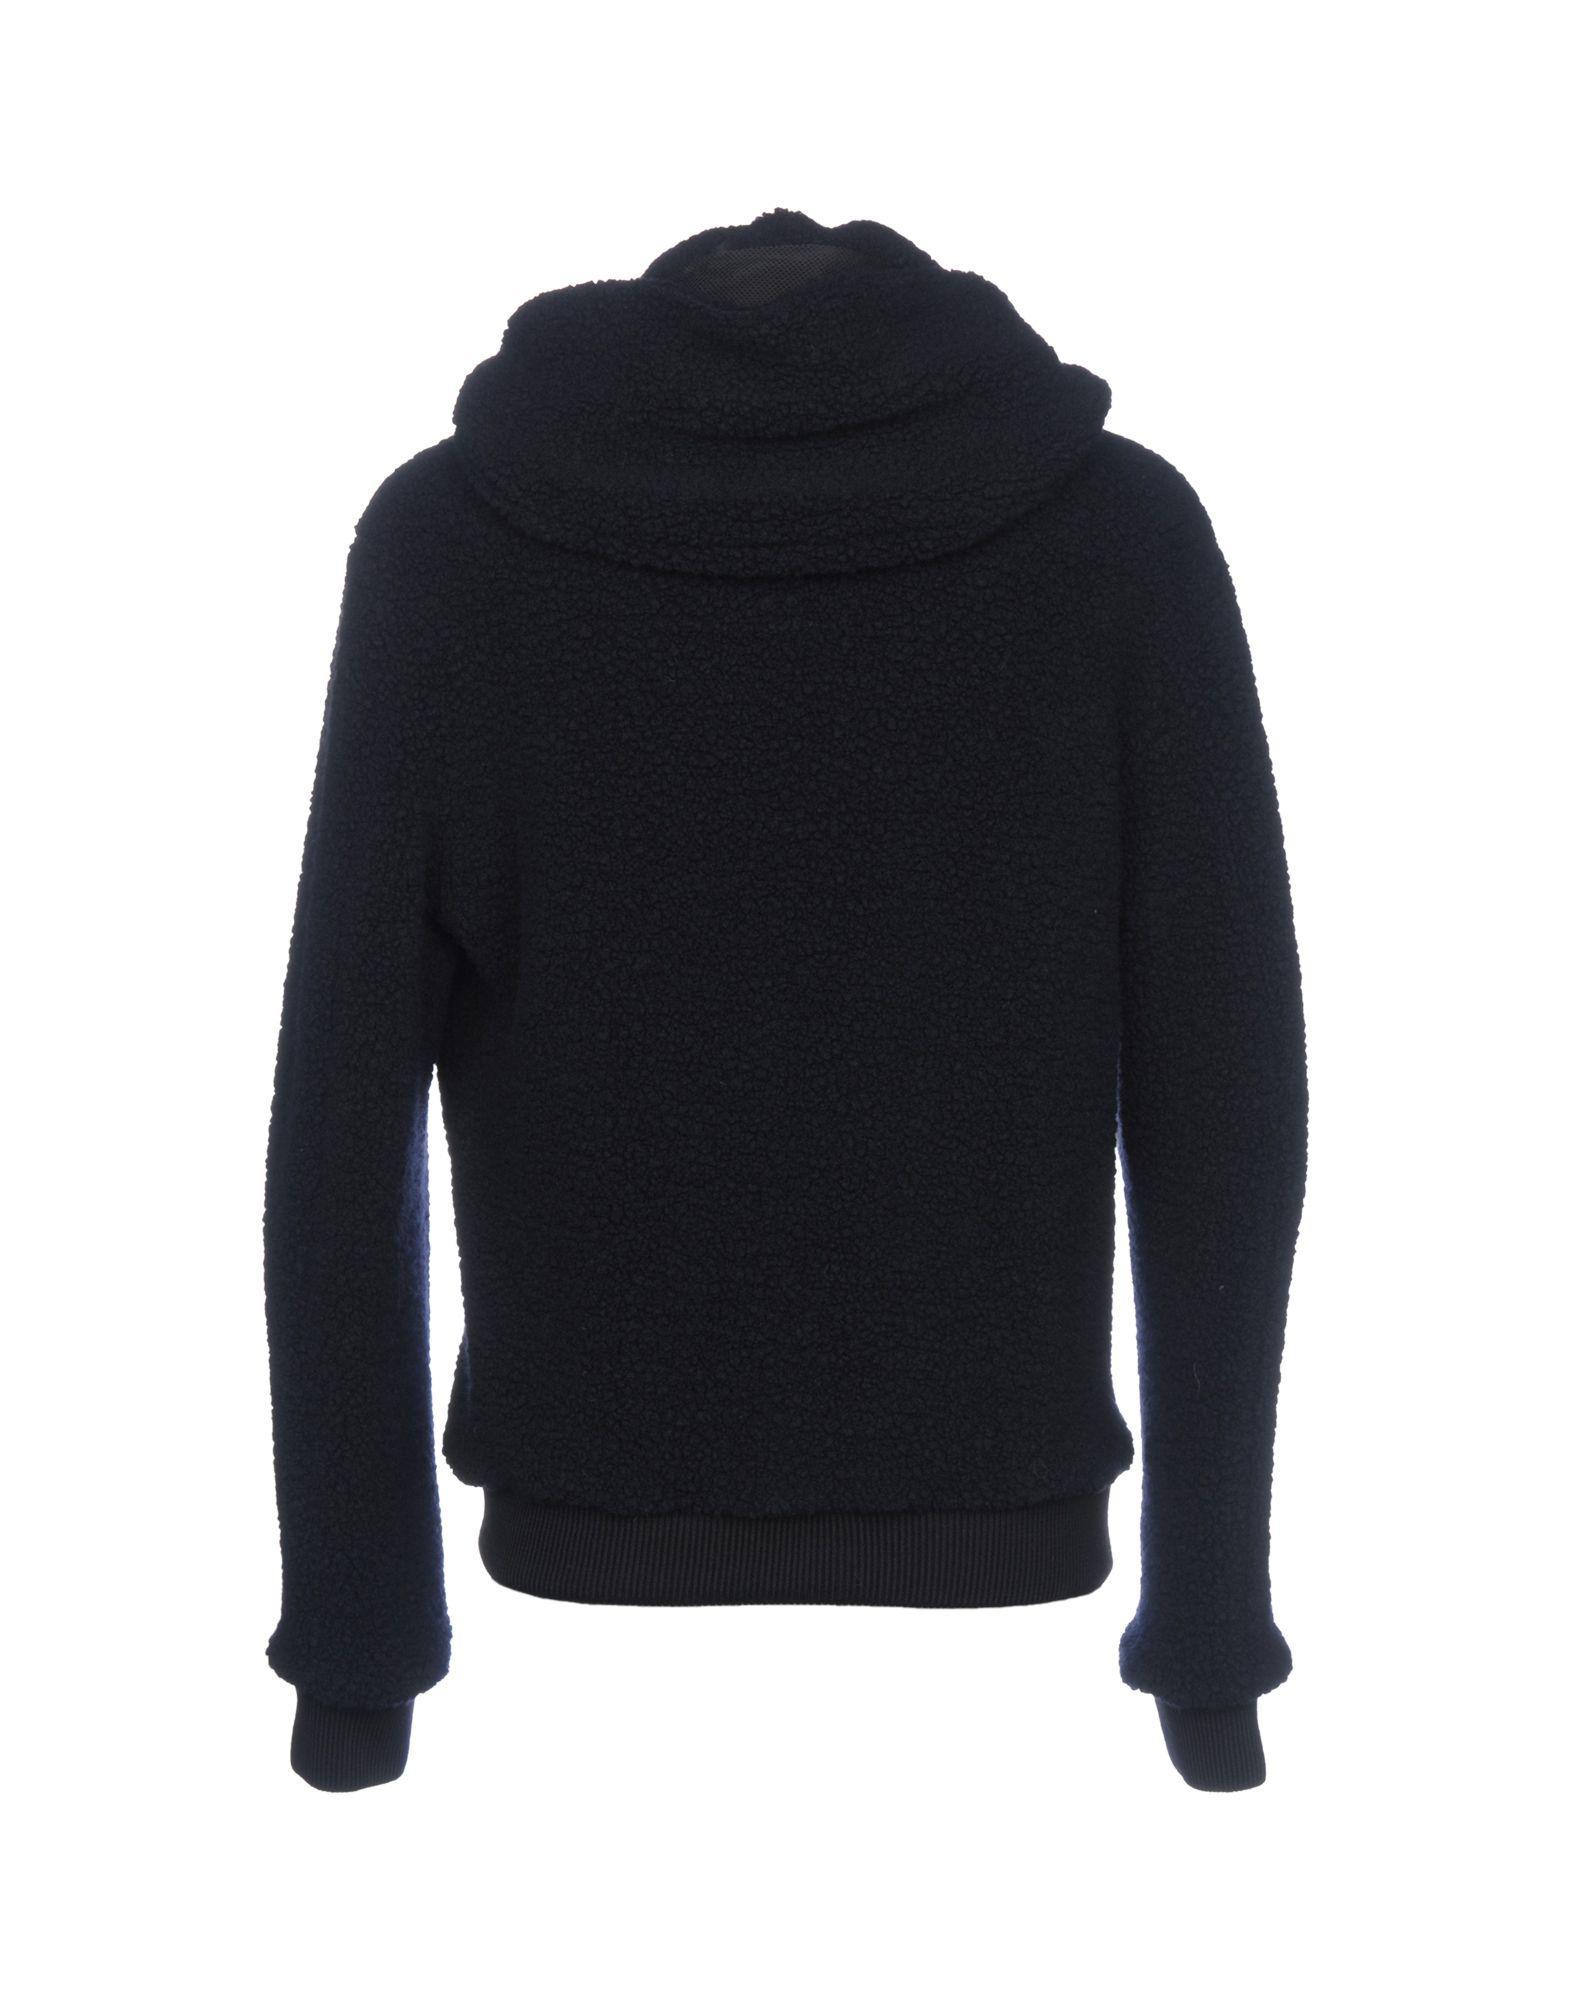 Hevò Wool Jacket in Dark Blue (Blue) for Men